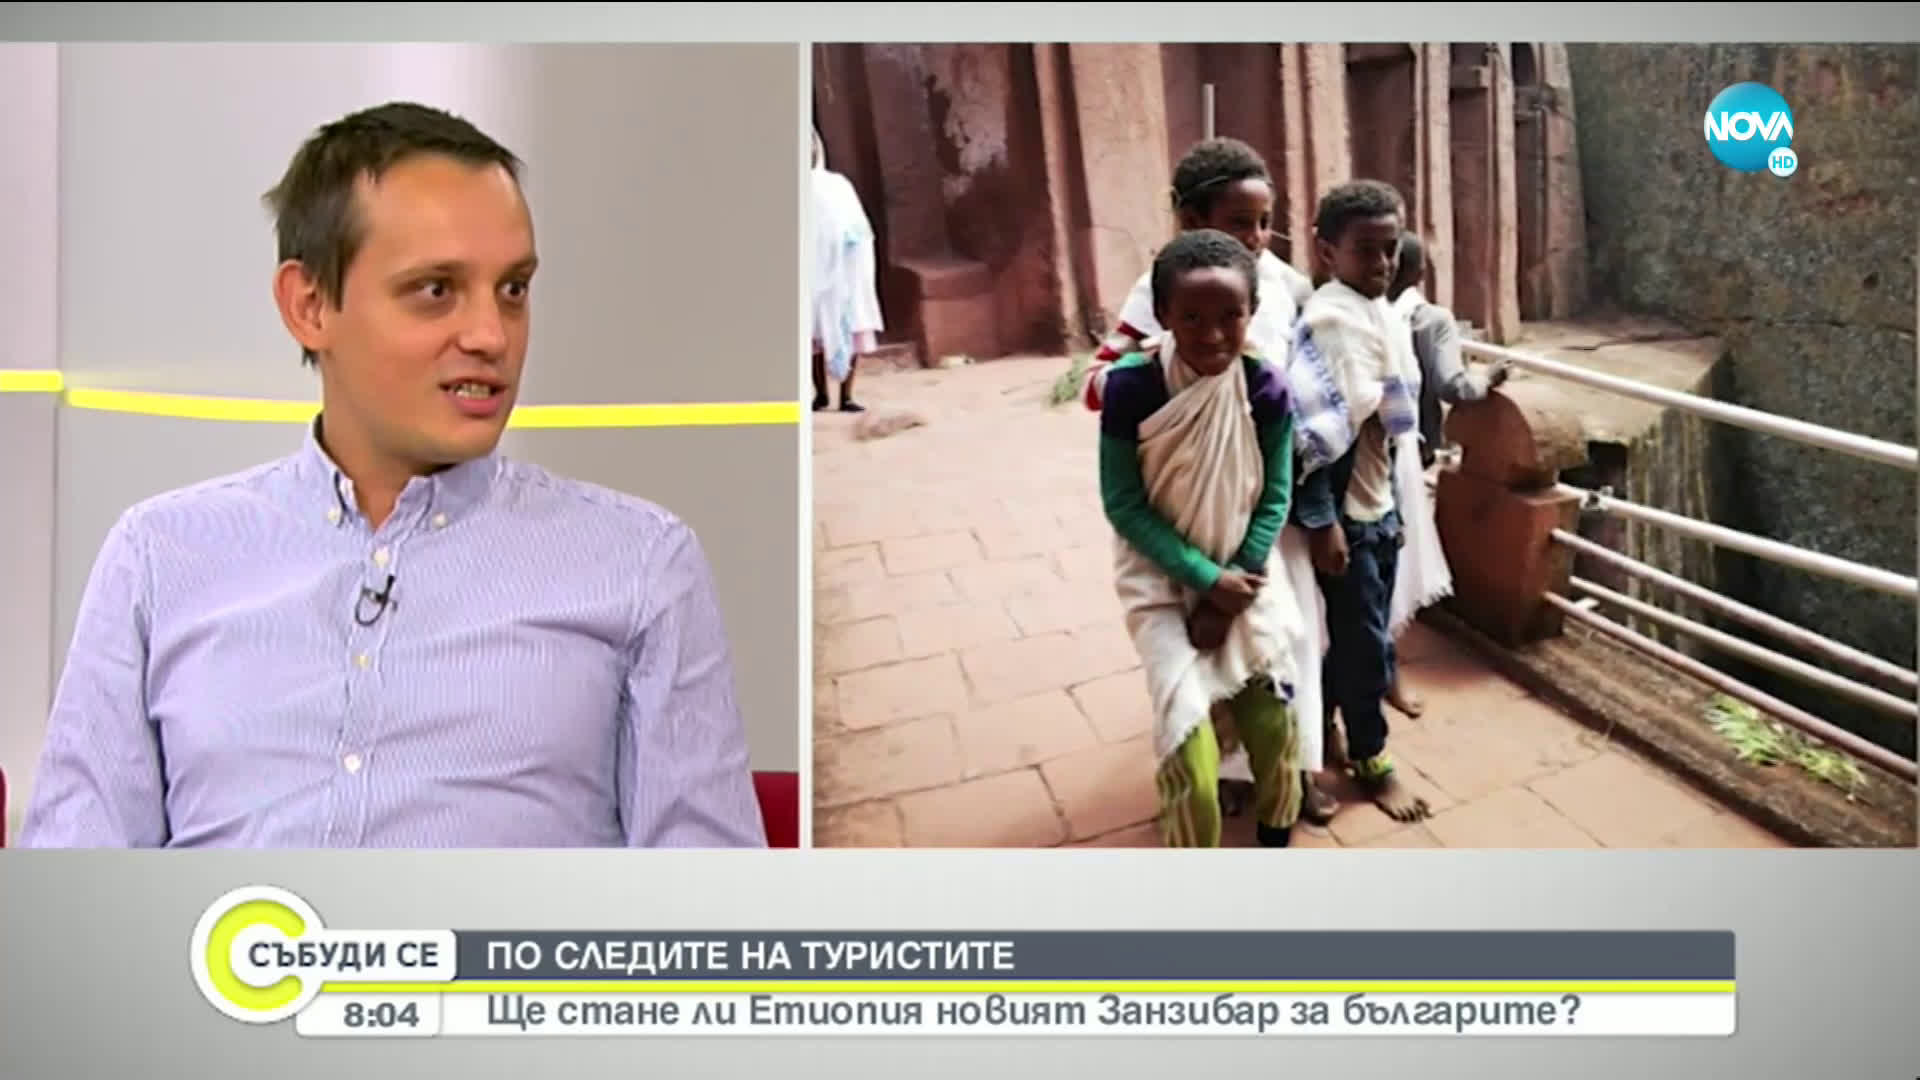 Ще стане ли Етиопия новият Занзибар за българите